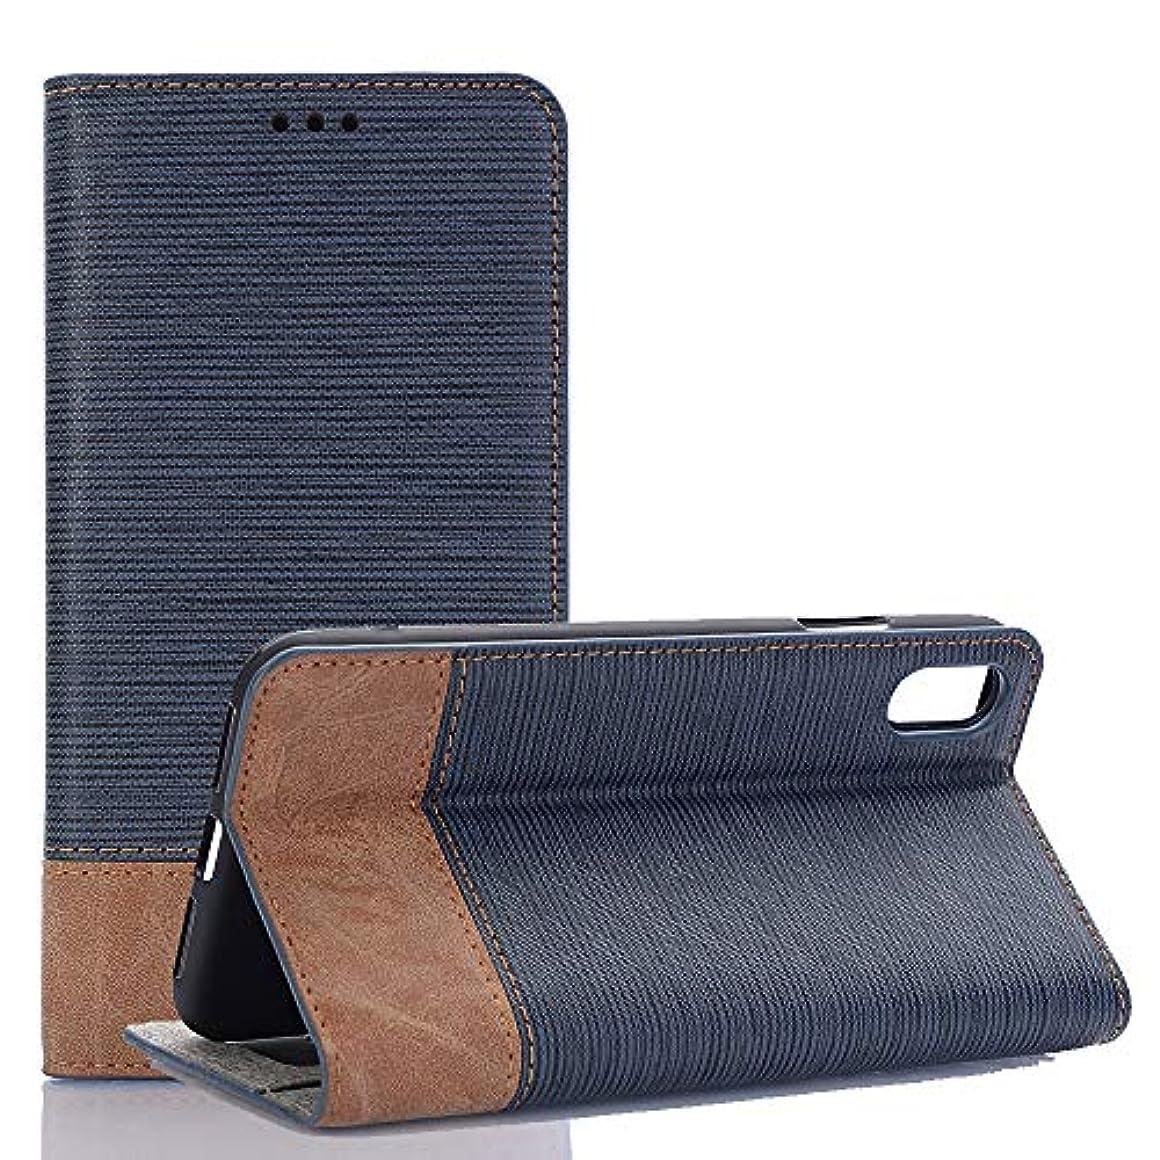 窒素ポルティコ作曲するGalaxy S9 ケース、INorton 本革ケース 全面保護 衝撃吸収 スタンド機能 カード収納 手帳型 スマートケース Galaxy S9対応